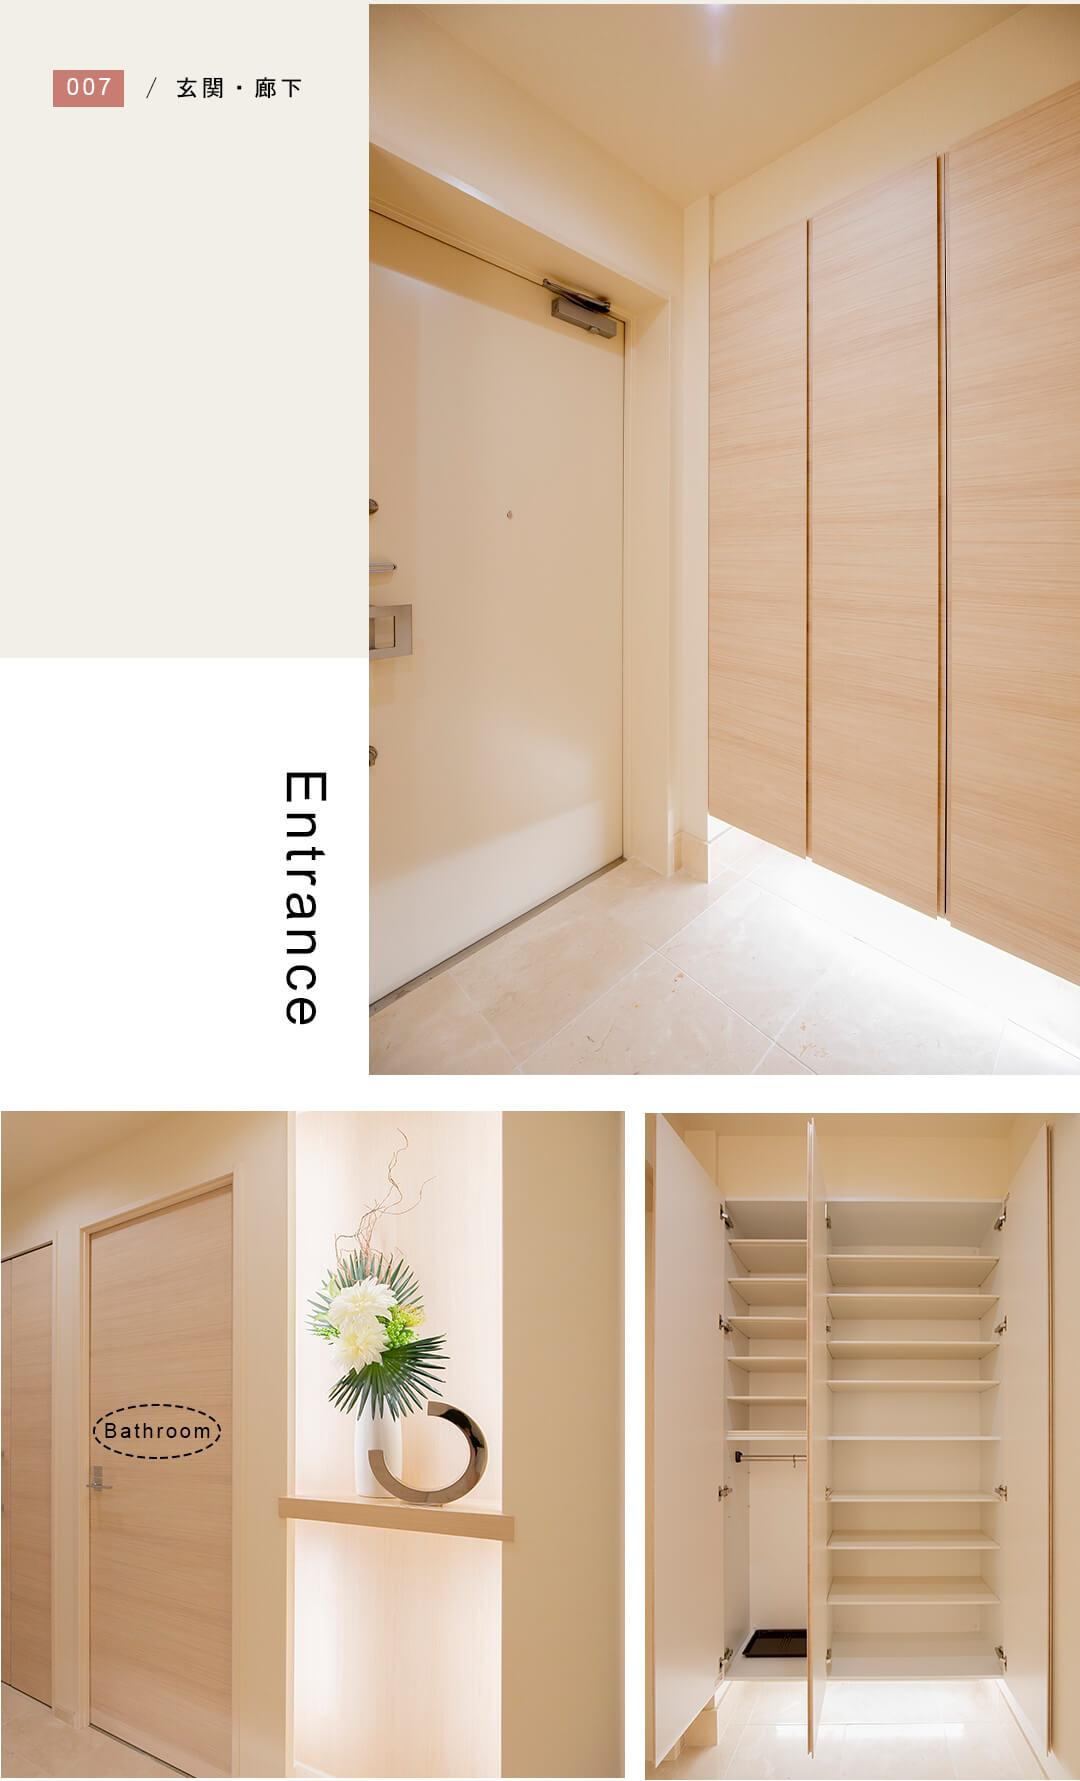 グランスイースト世田谷桜丘の玄関